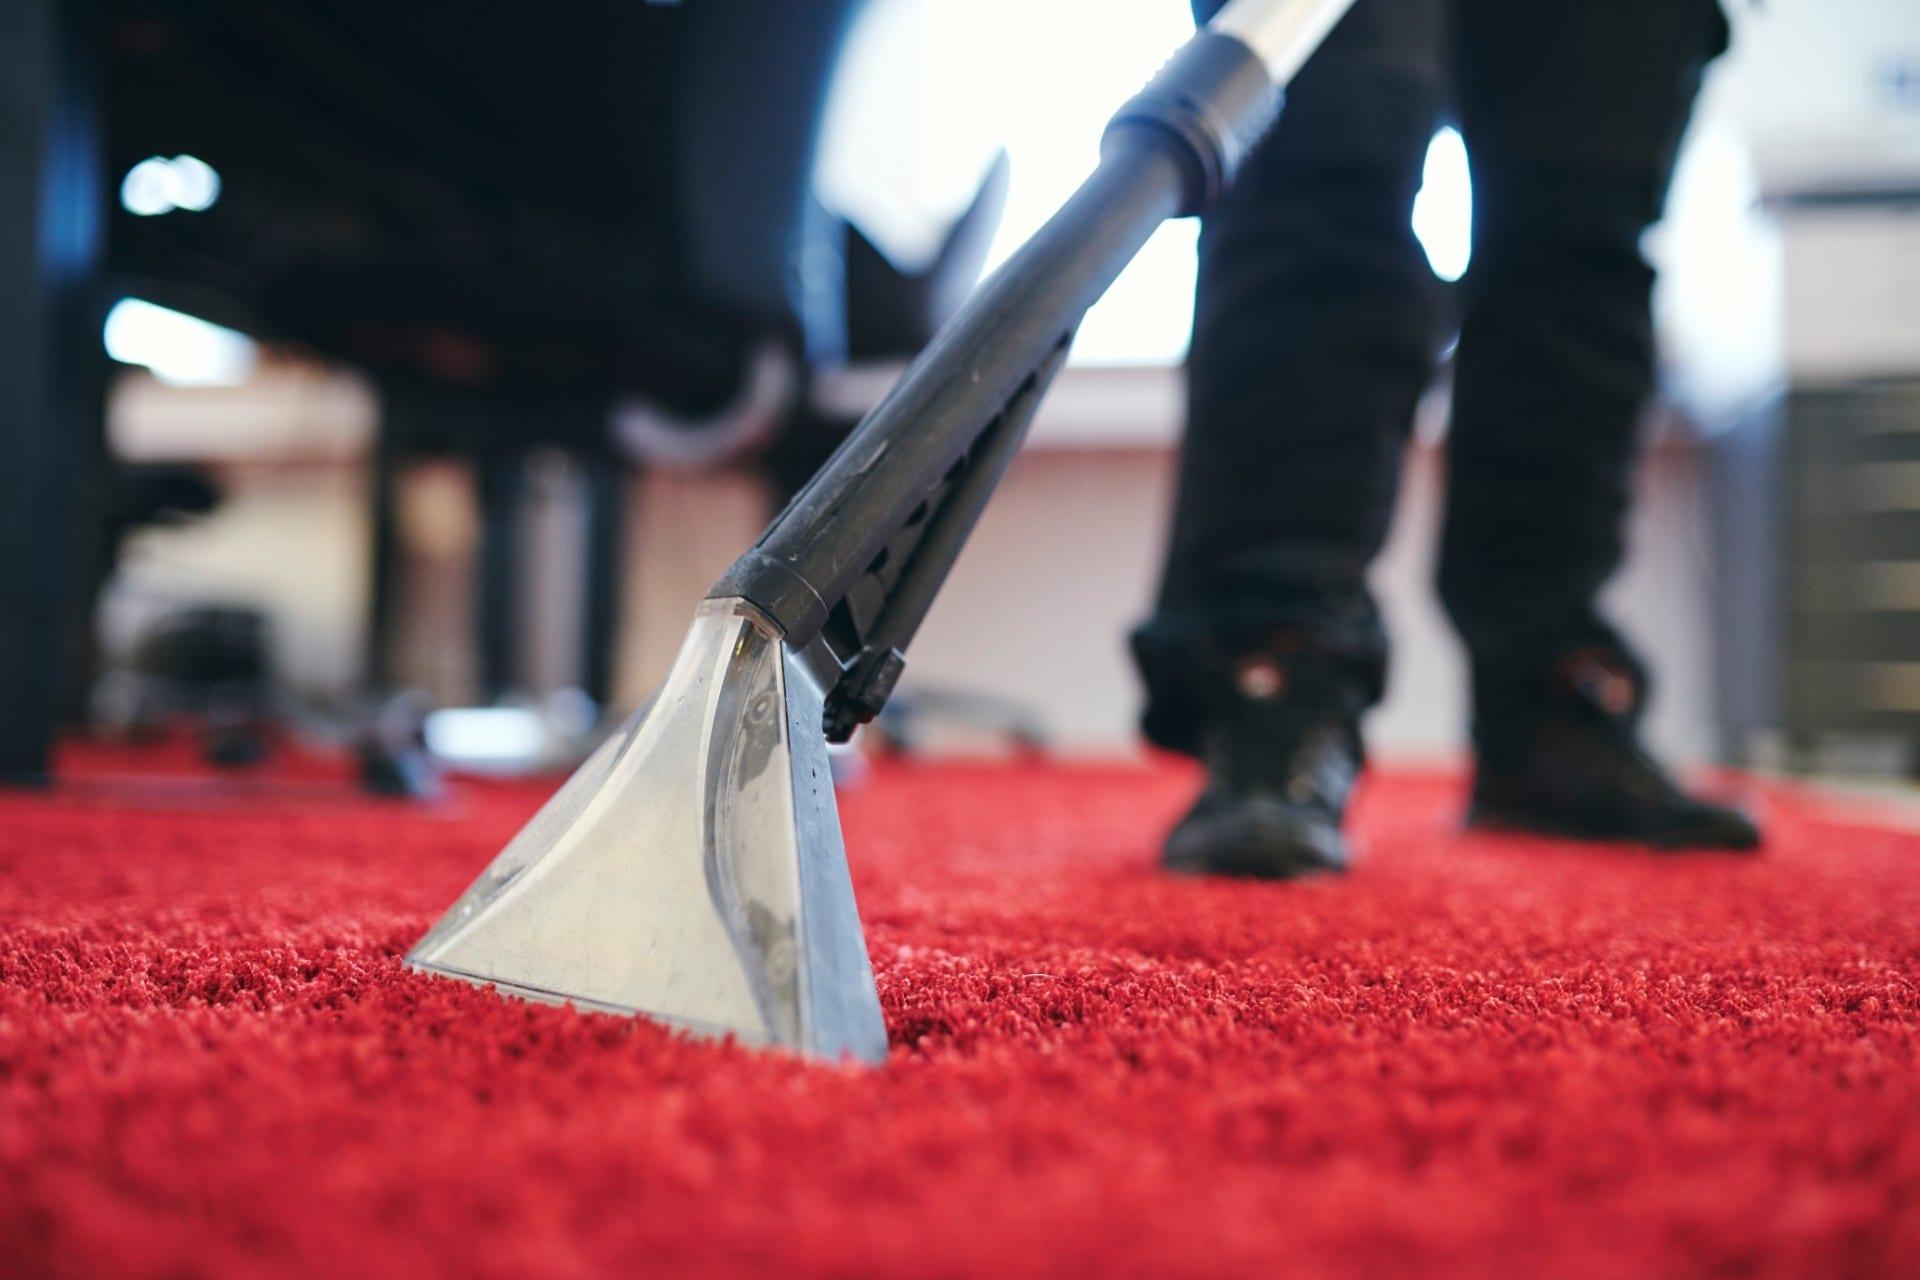 Renell-medarbejder støvsuger og renser et gulvtæppe